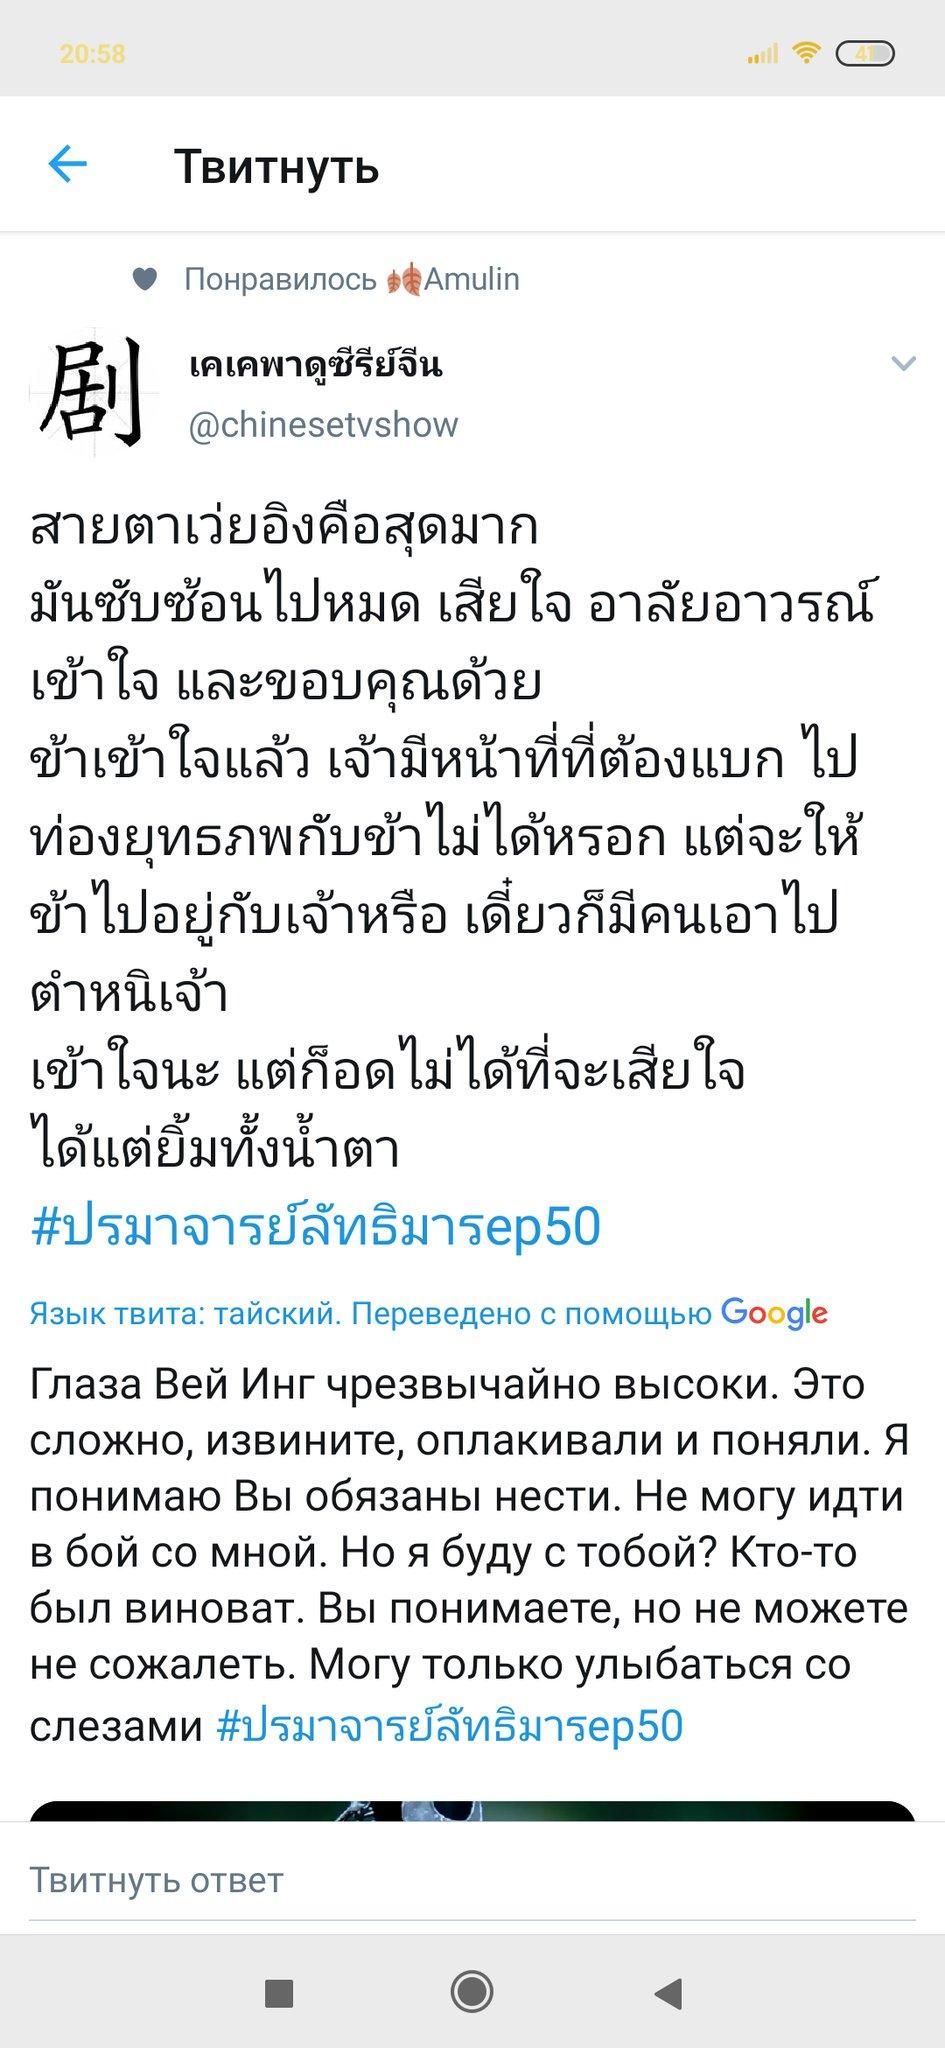 одежда переводчик с тайского на русский по фото проявляет активность круглый